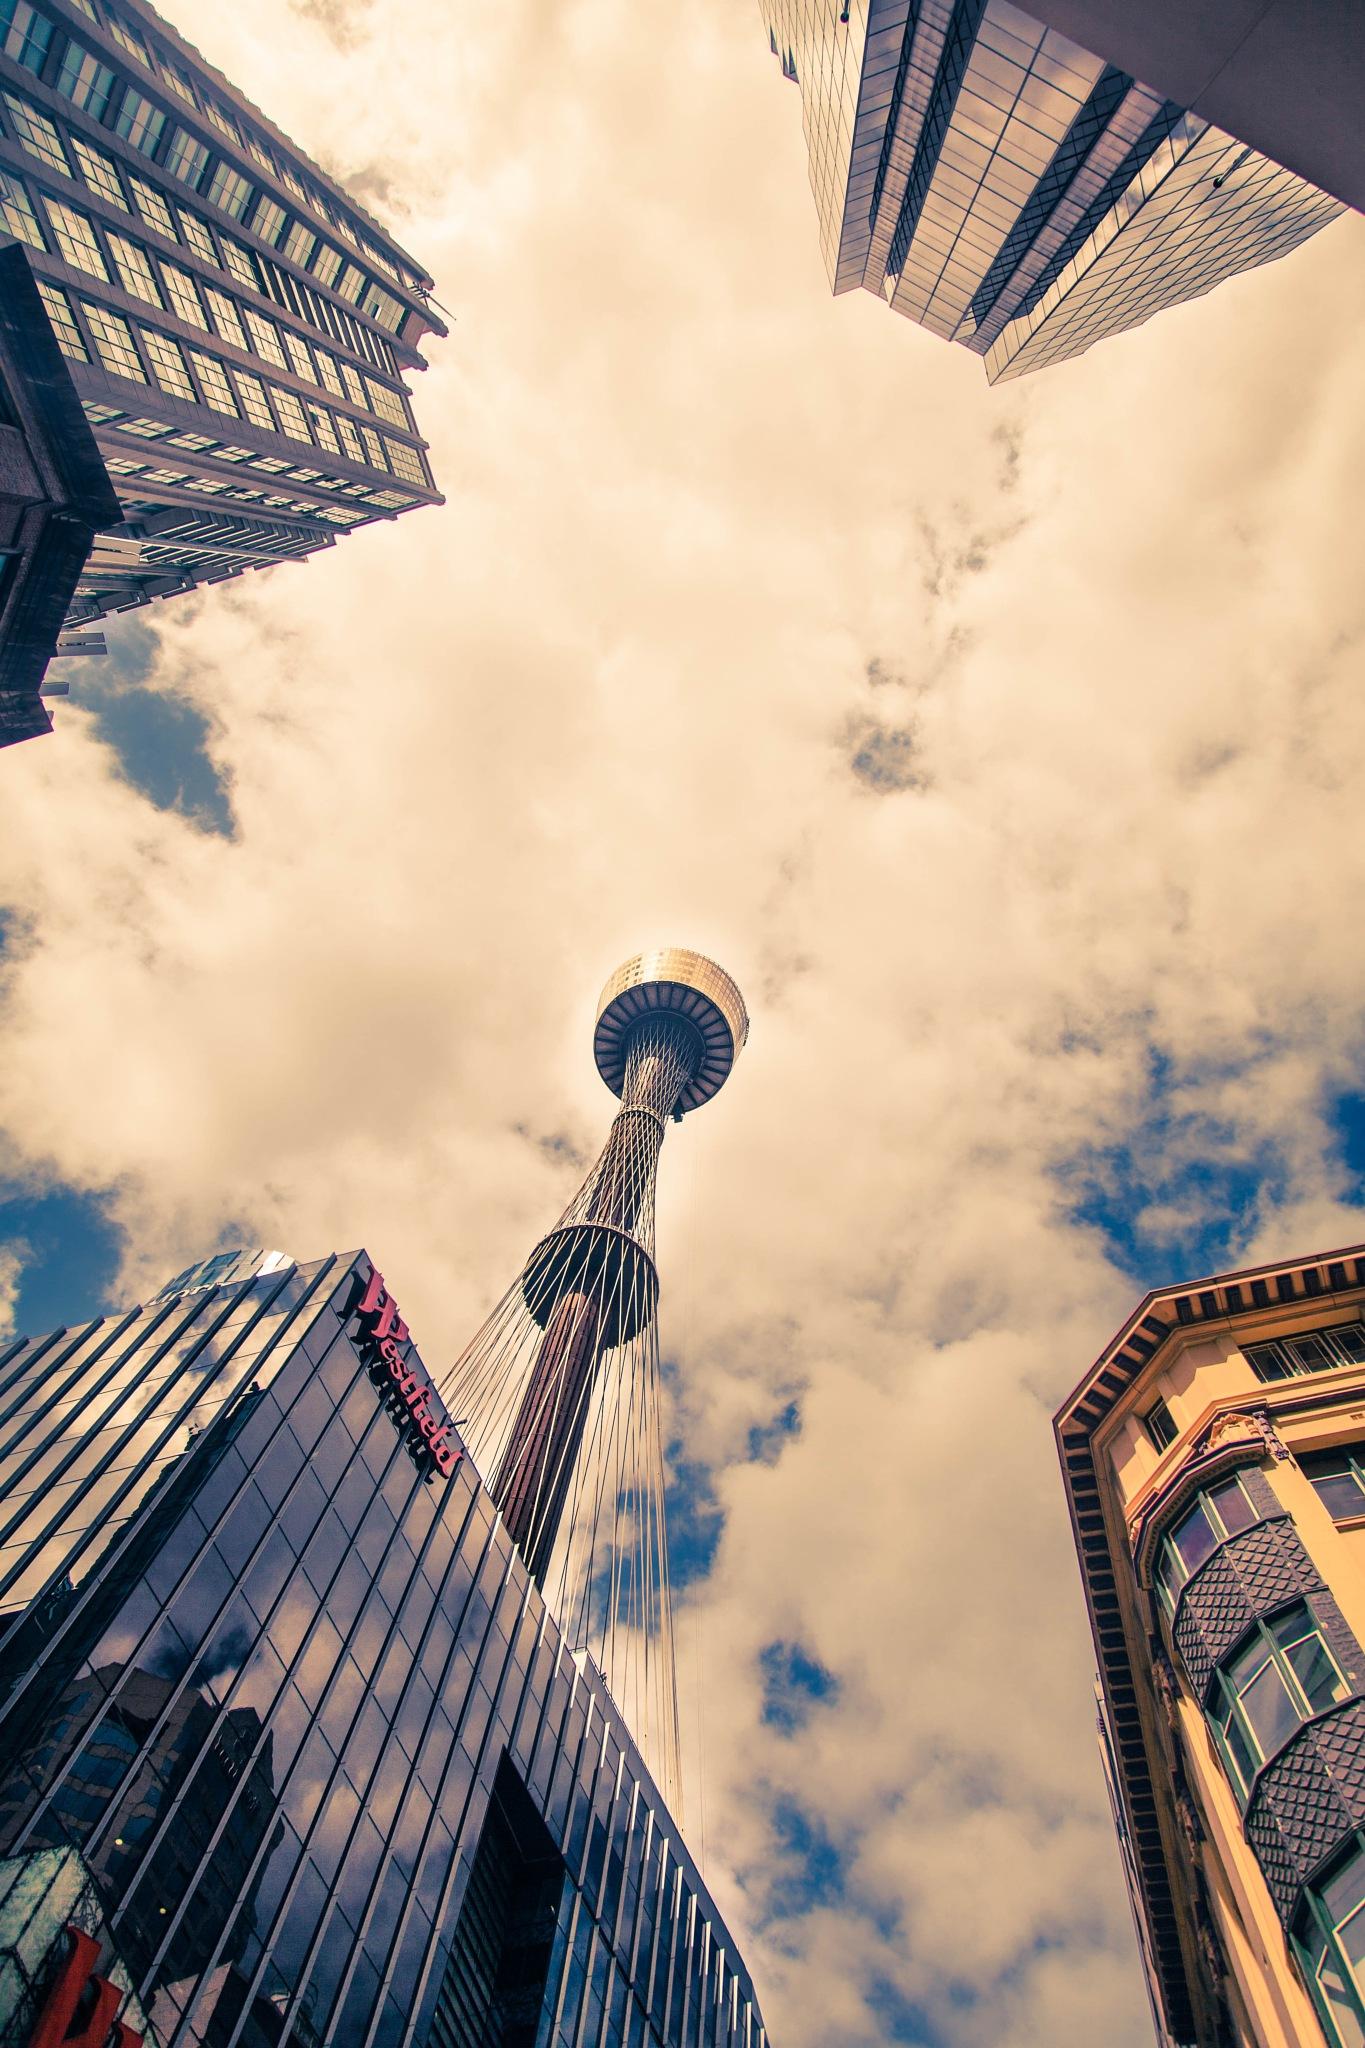 city life by Martina McAuley